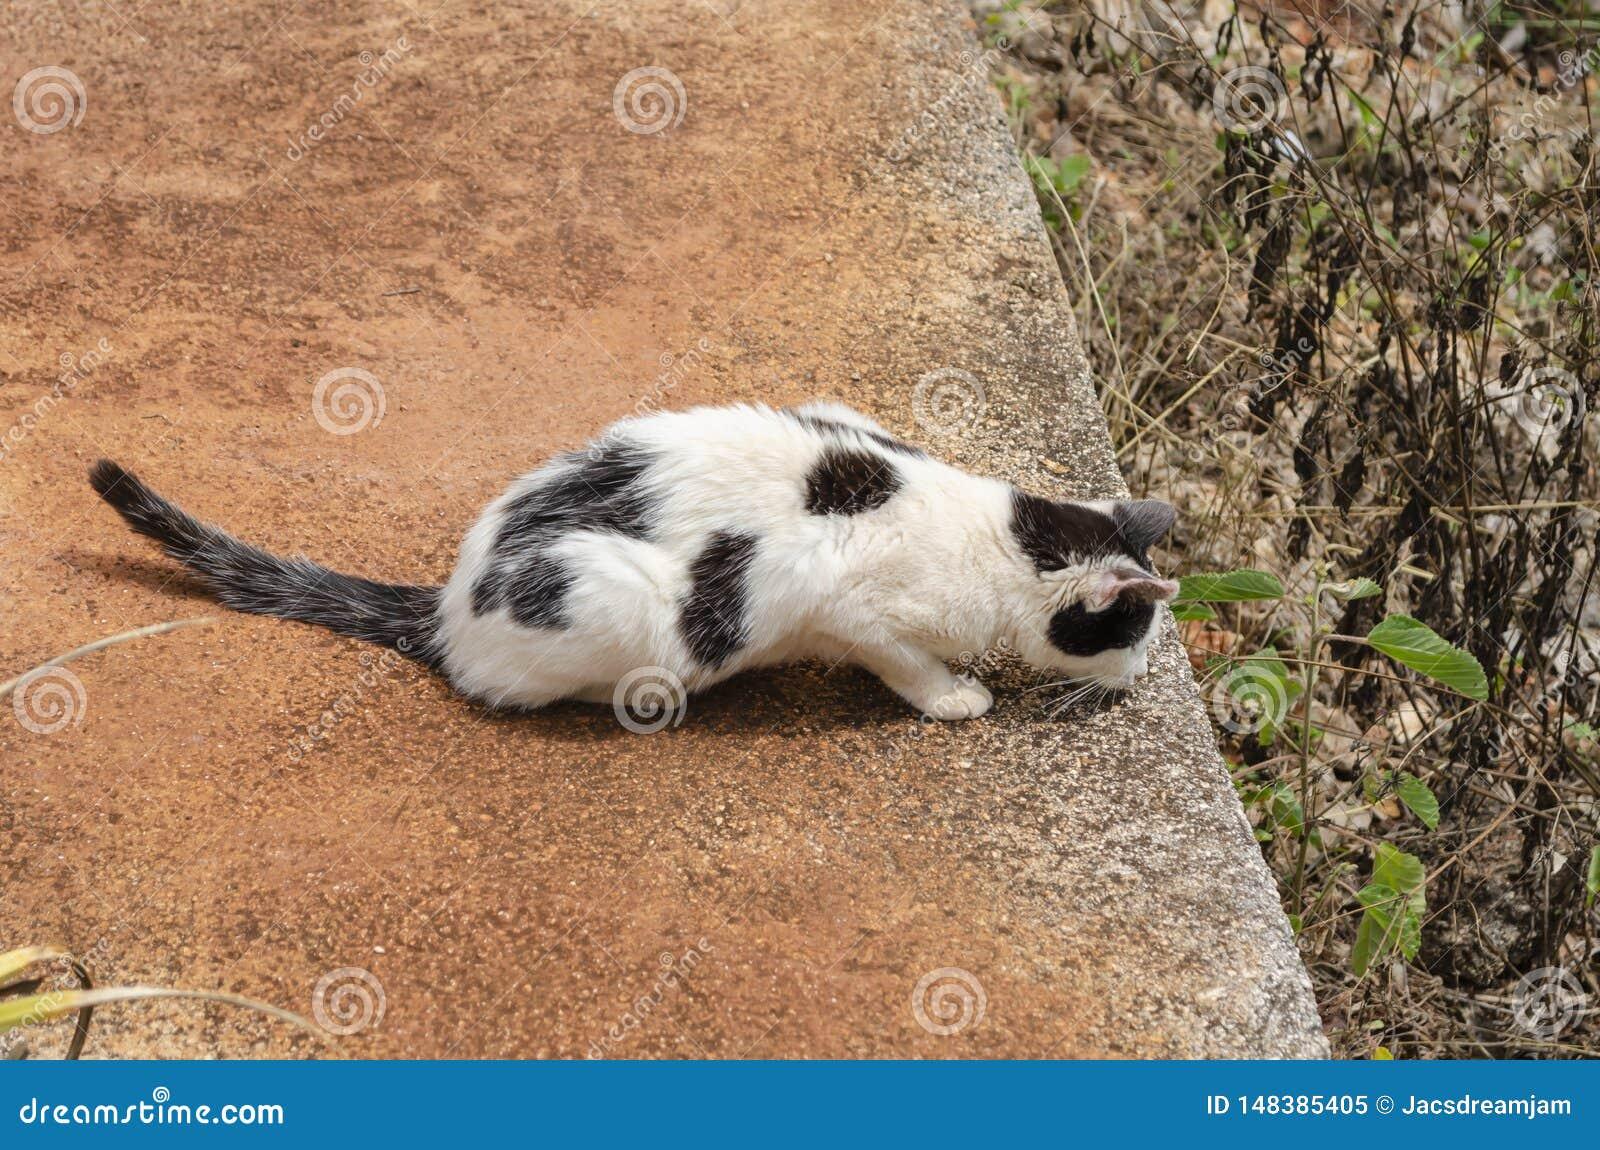 Cat In Wait